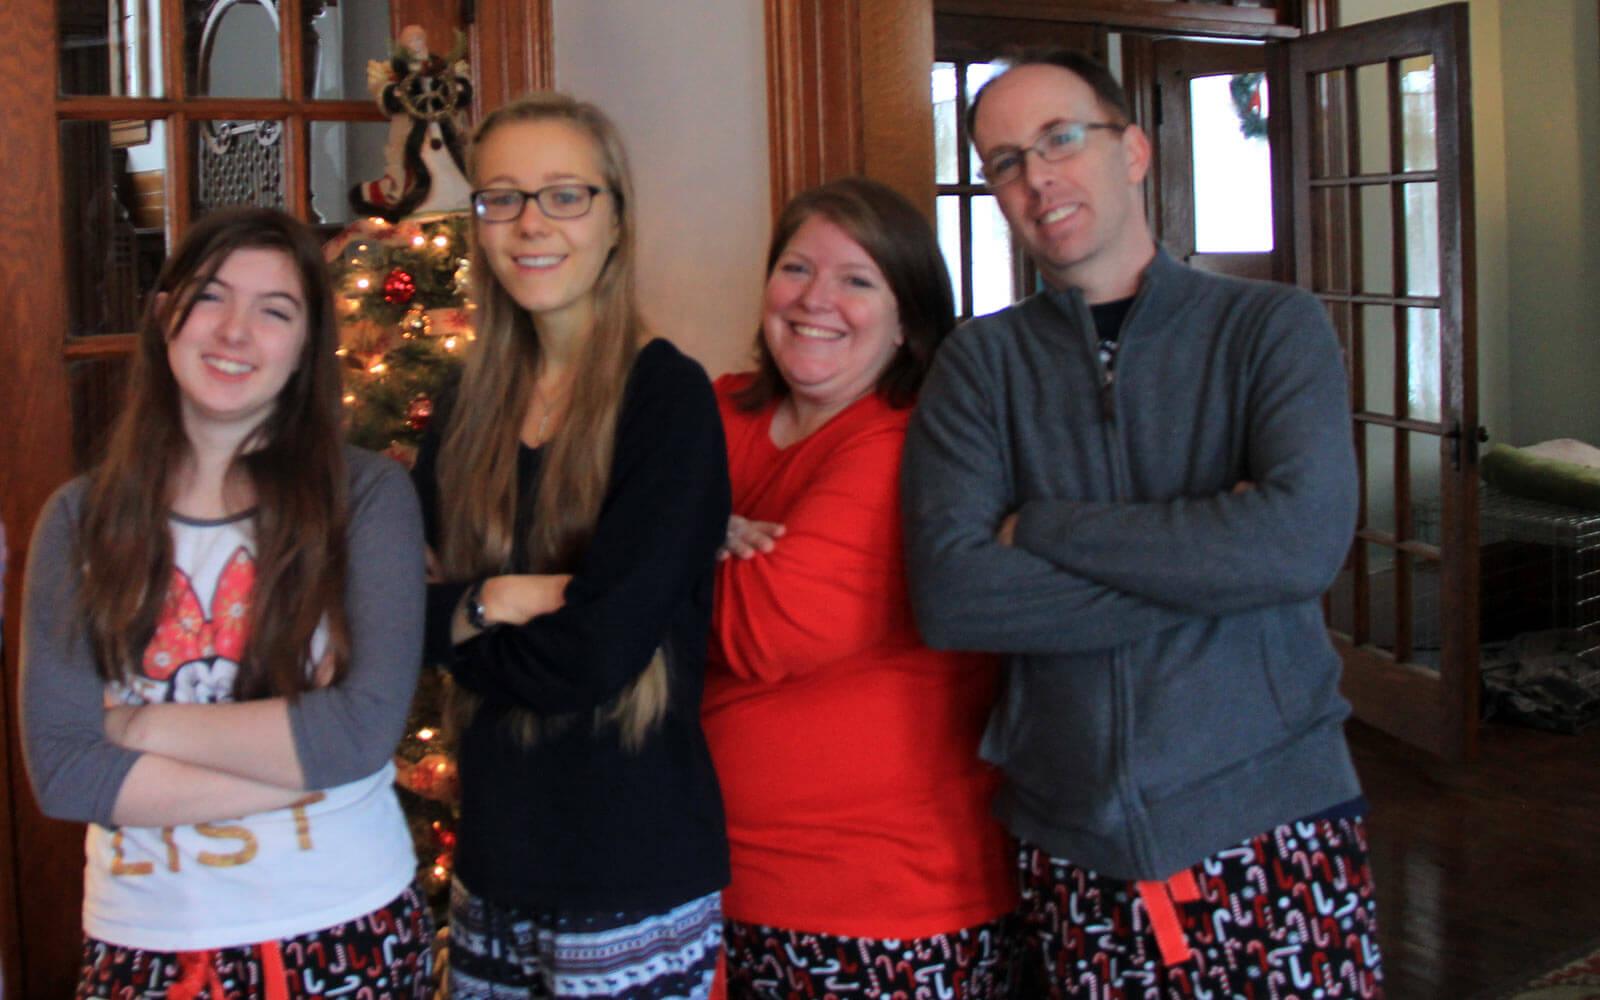 Mara mit ihrer Gastfamilie in Schlafanzughosen an Weihnachten